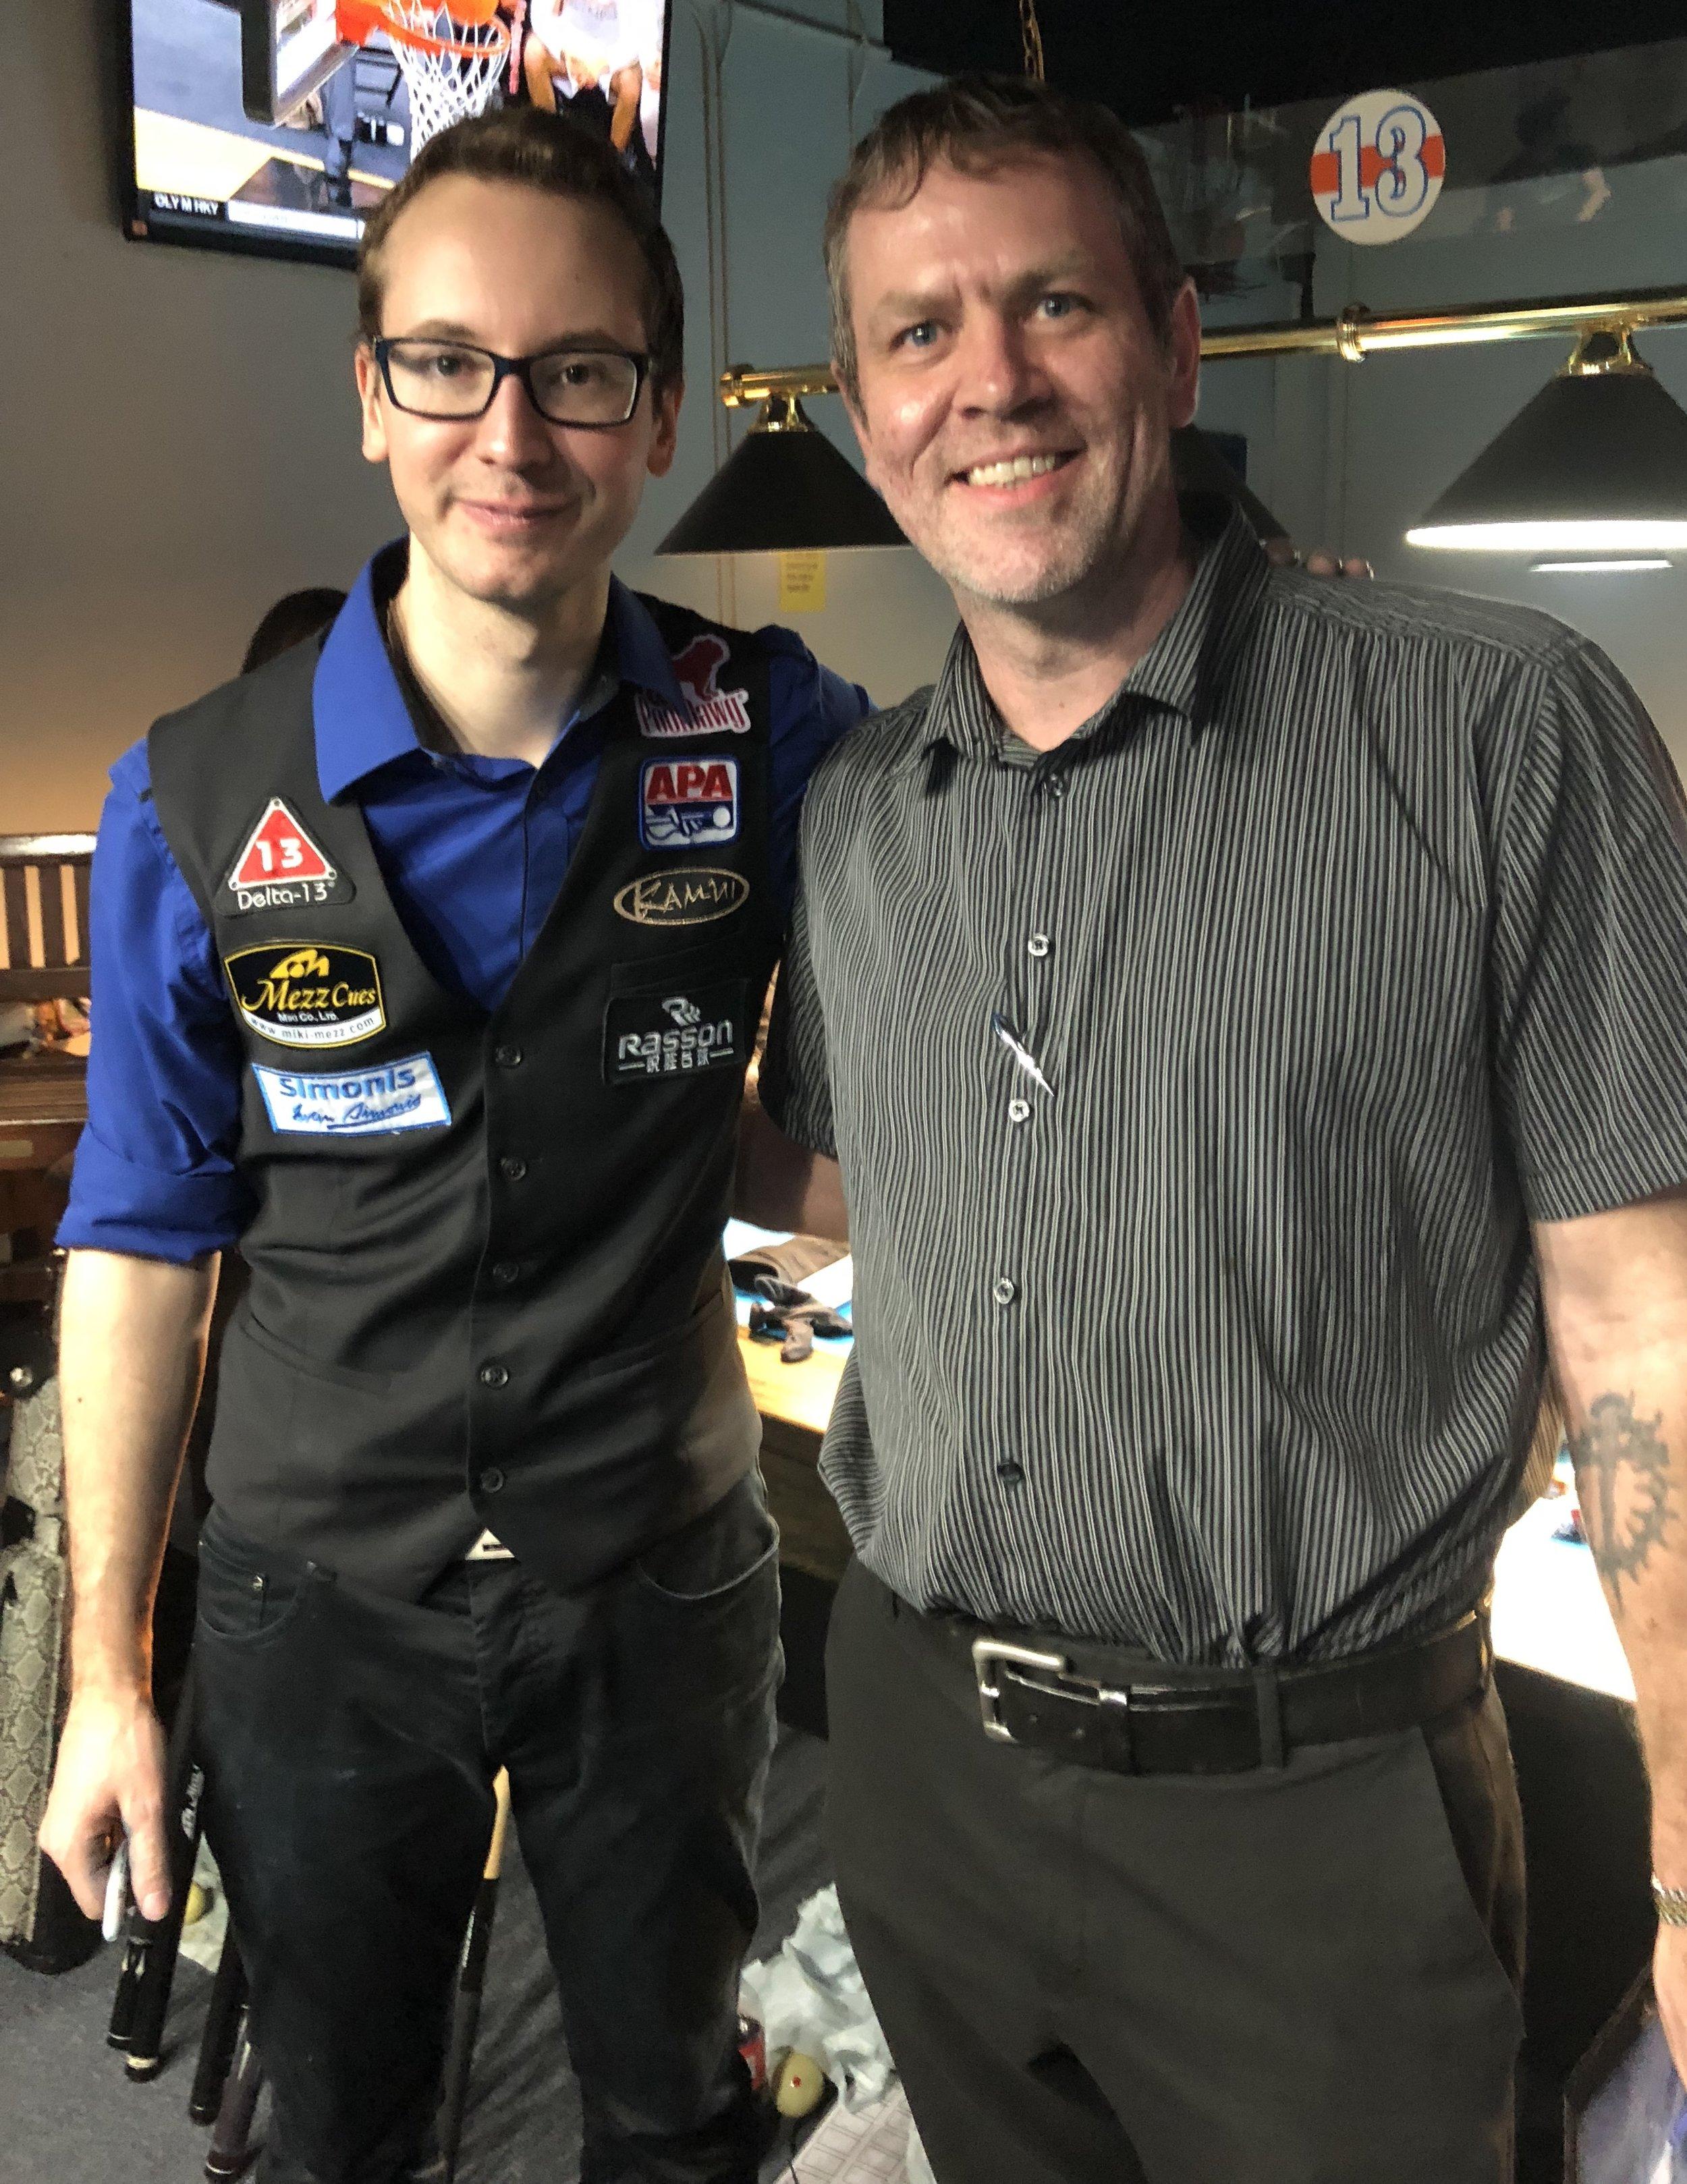 Florian and Tim - Florian